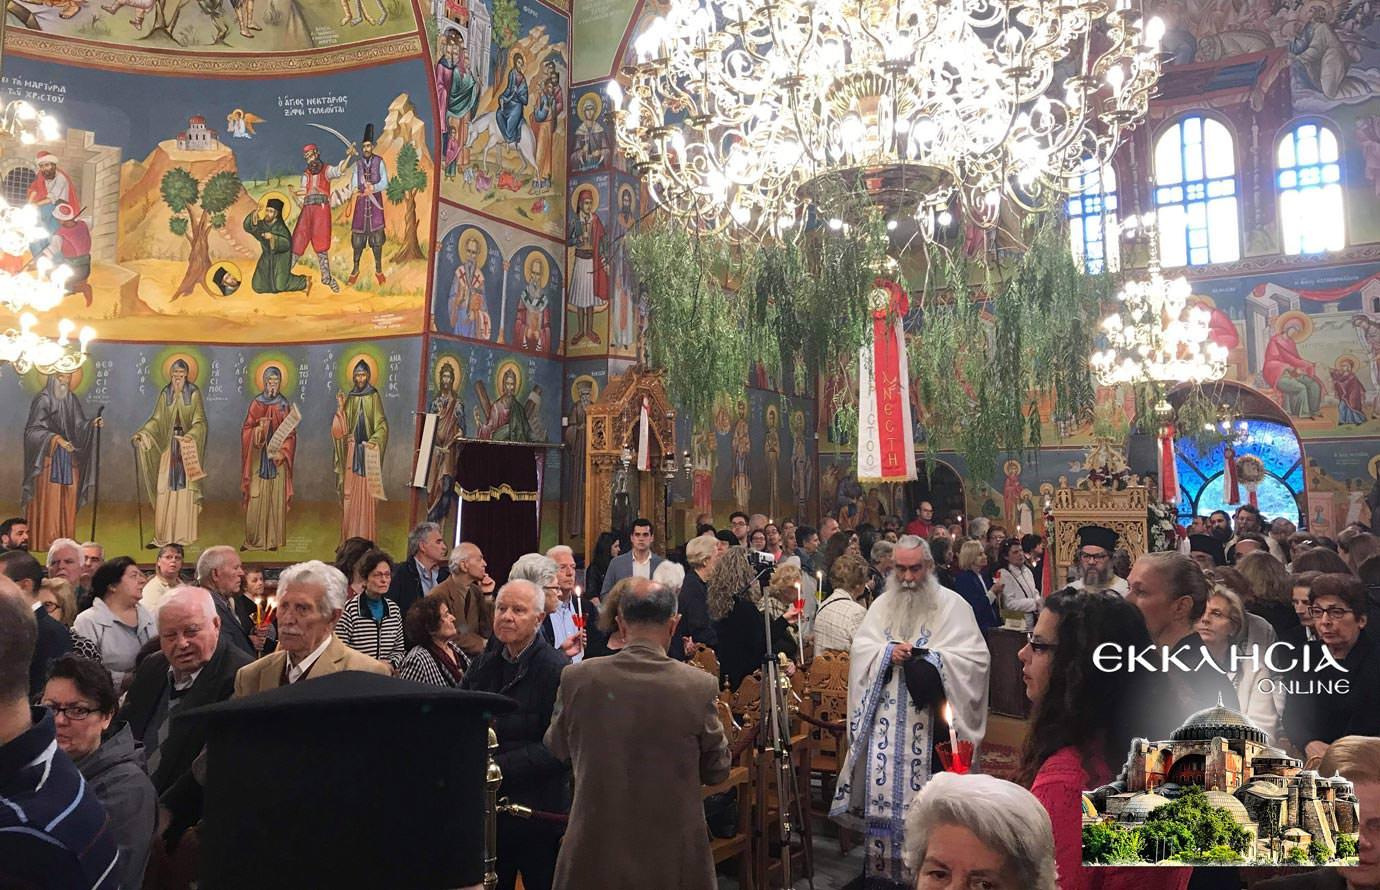 αγία ματρώνα ιερά λείψανα ιερός ναός ερυθραία 2019